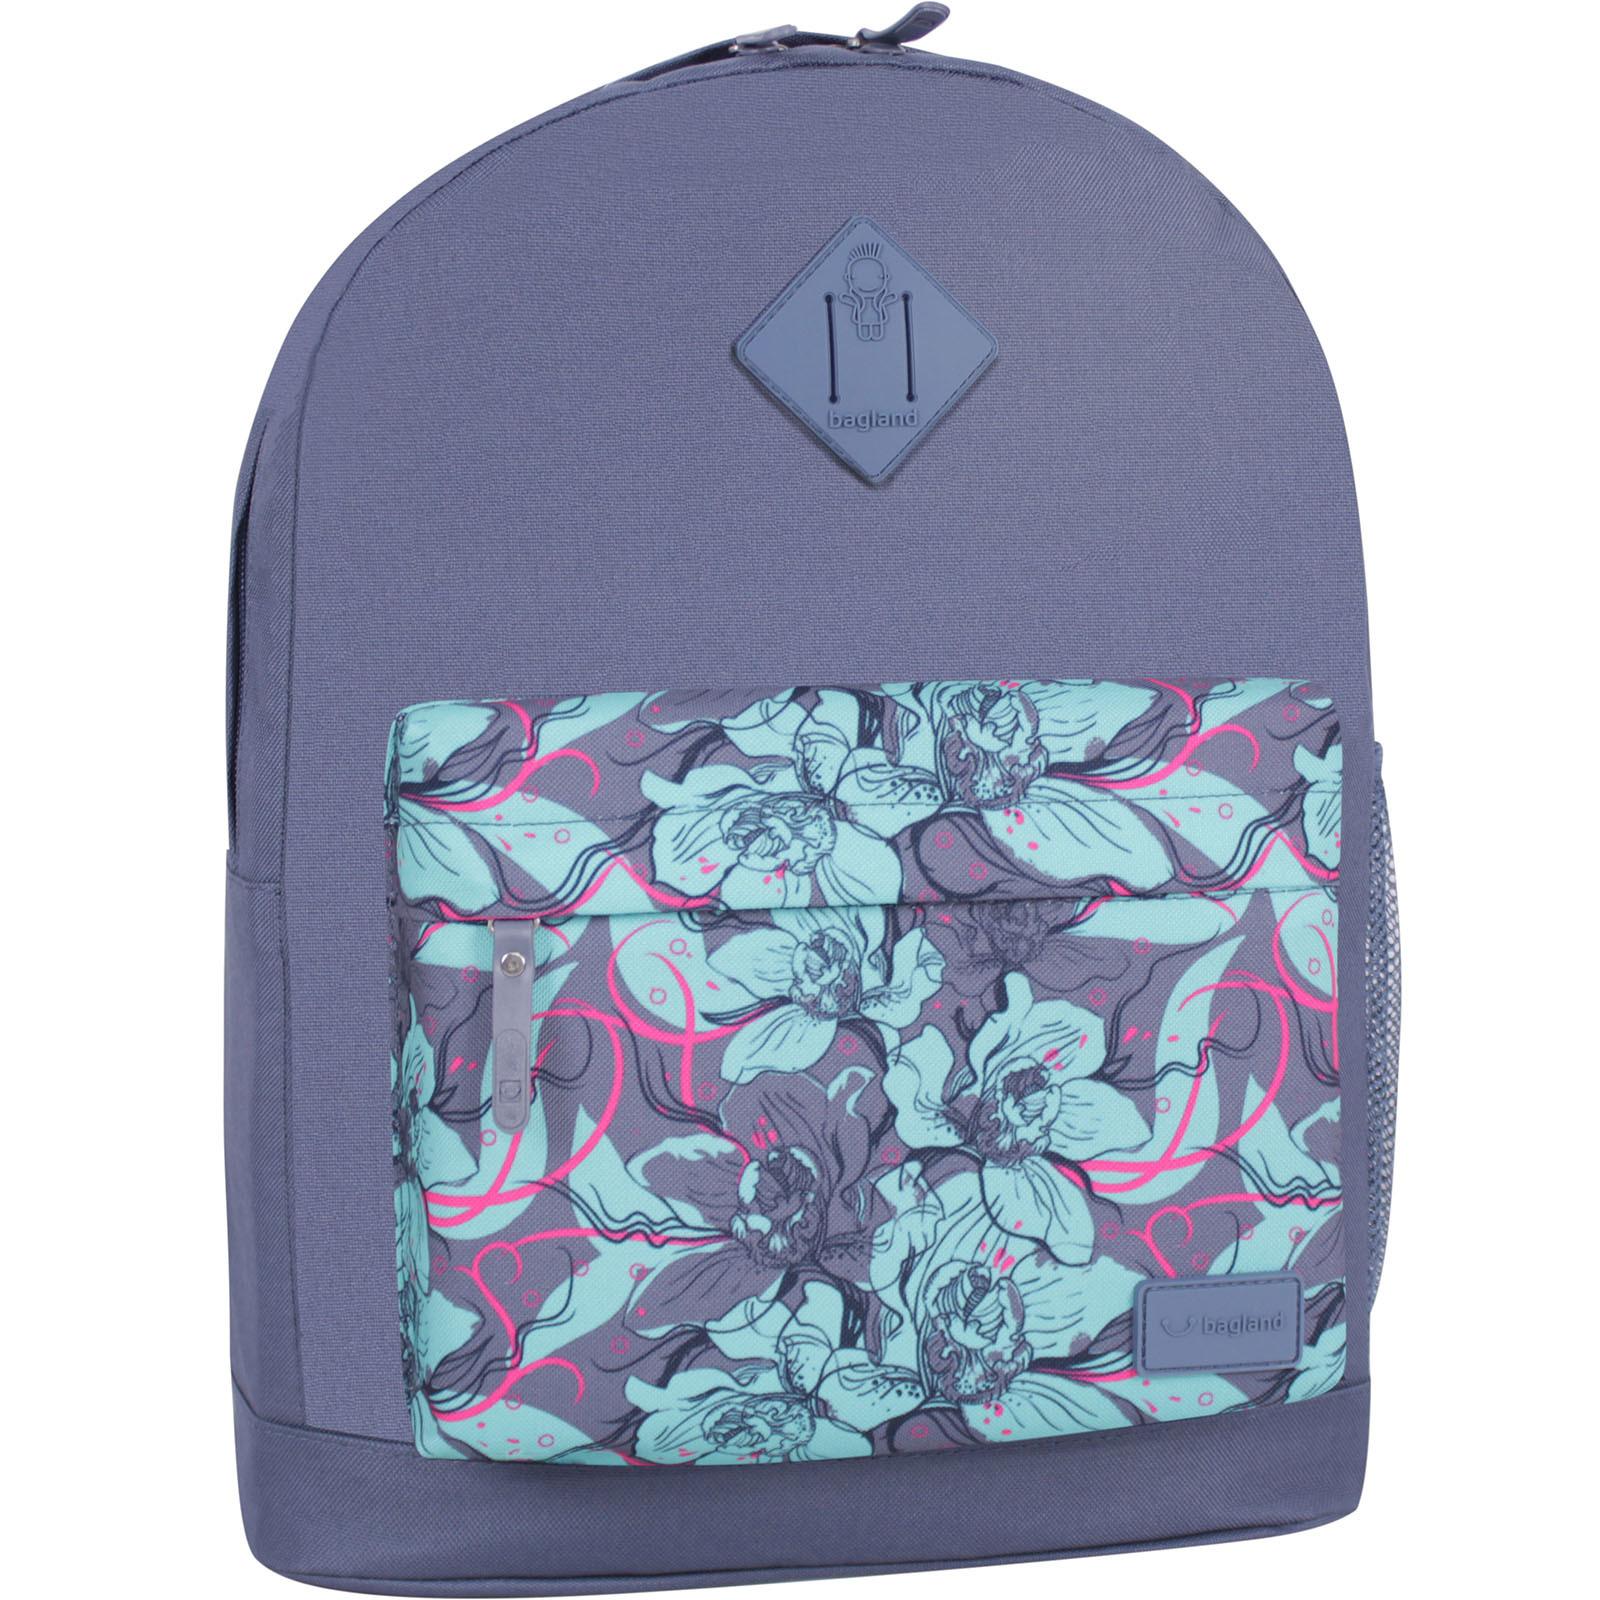 Городские рюкзаки Рюкзак Bagland Молодежный W/R 17 л. Серый 735 (00533662) IMG_6472_суб.735_-1600.jpg